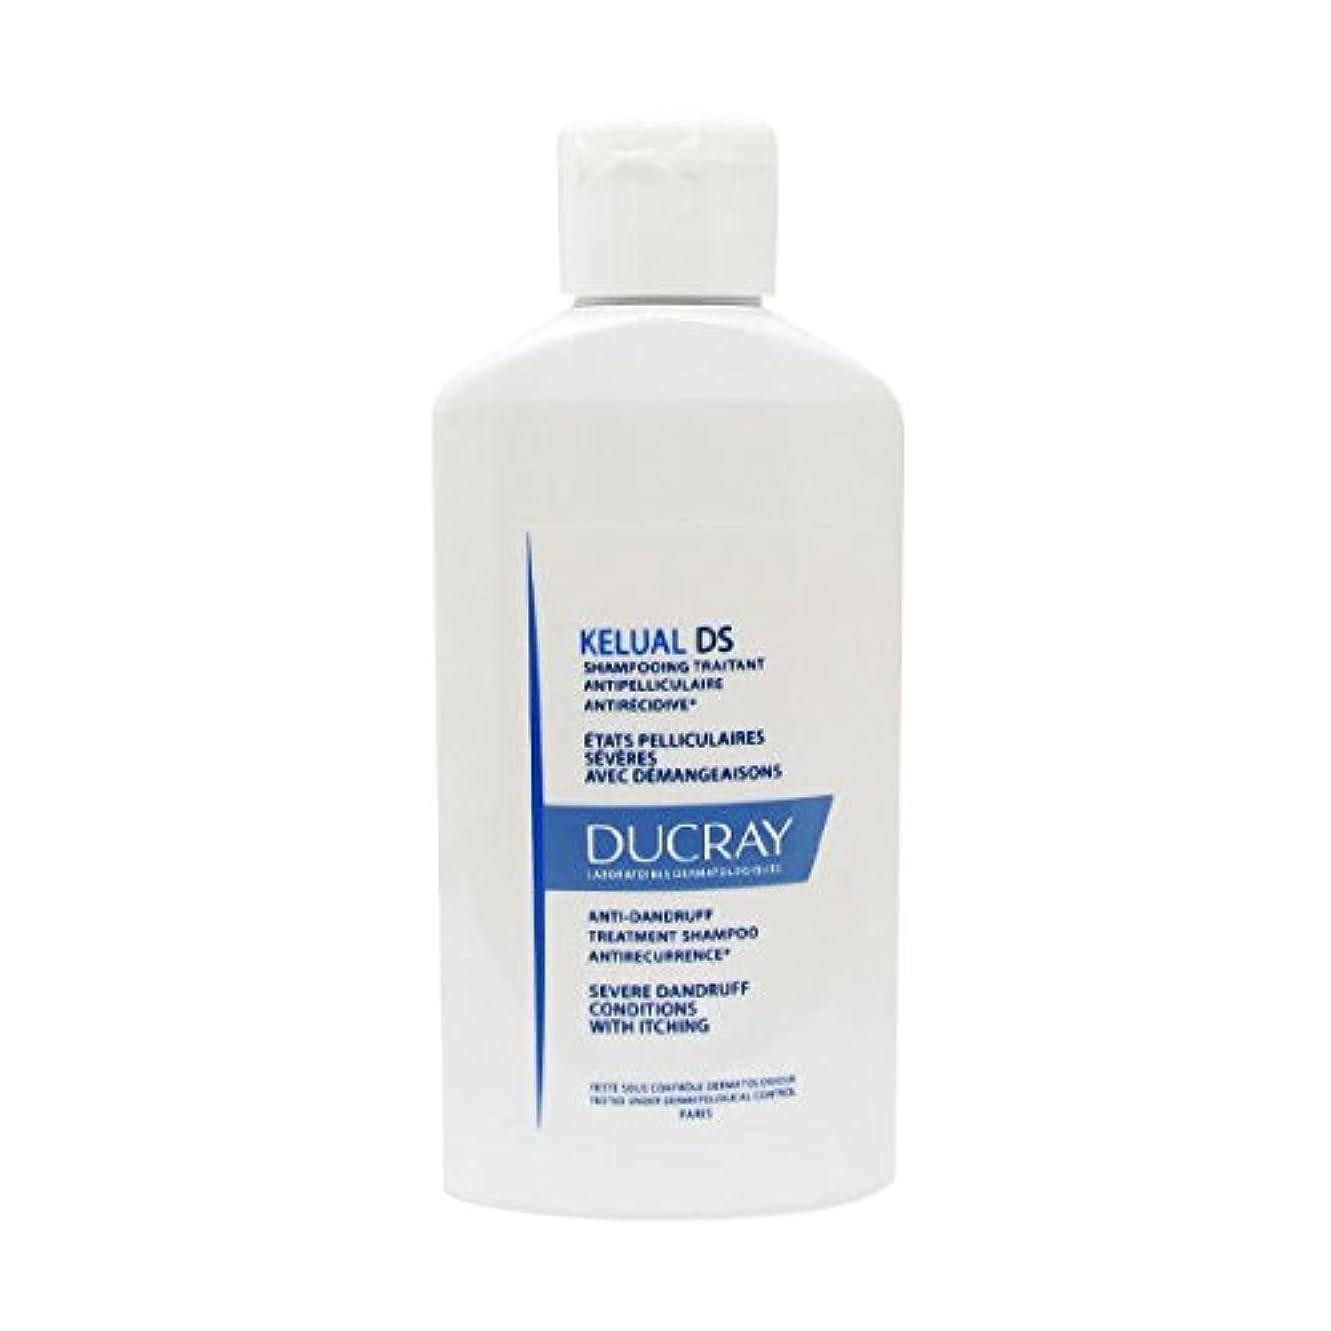 屋内でネズミ可能にするDucray Kelual Ds Squamo-reducing Shampoo 100ml [並行輸入品]